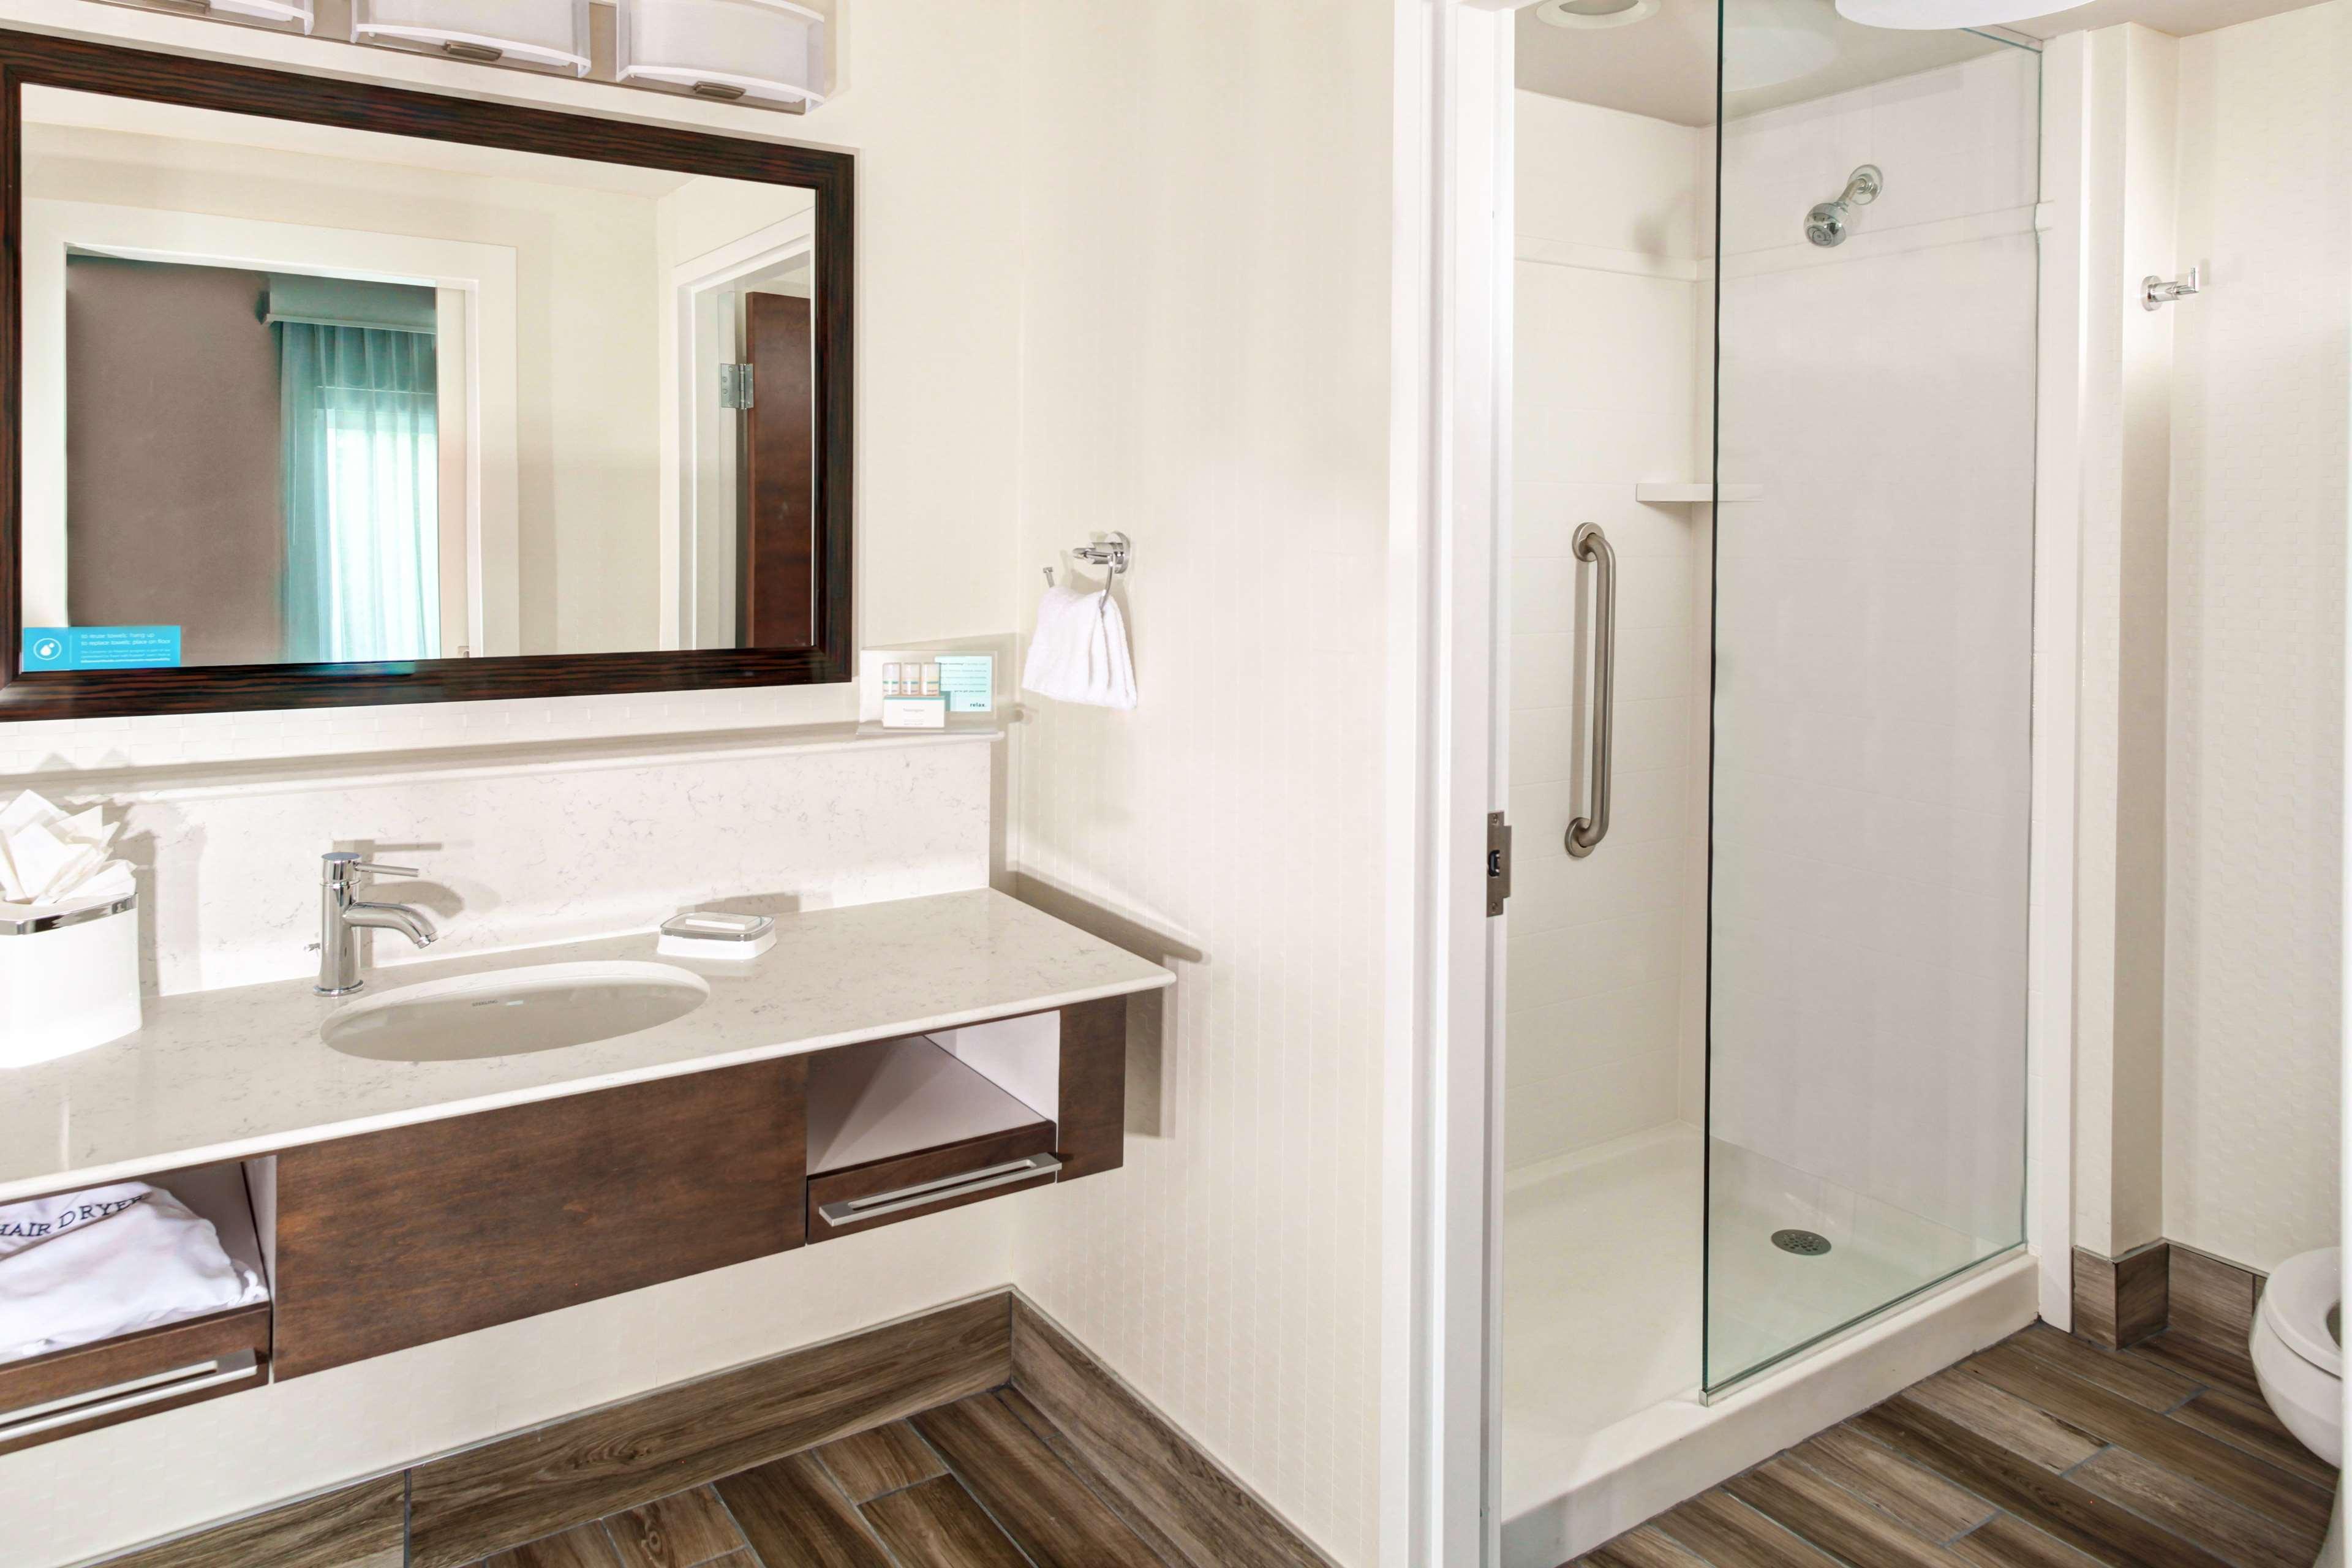 Hampton Inn & Suites by Hilton Atlanta Perimeter Dunwoody image 11